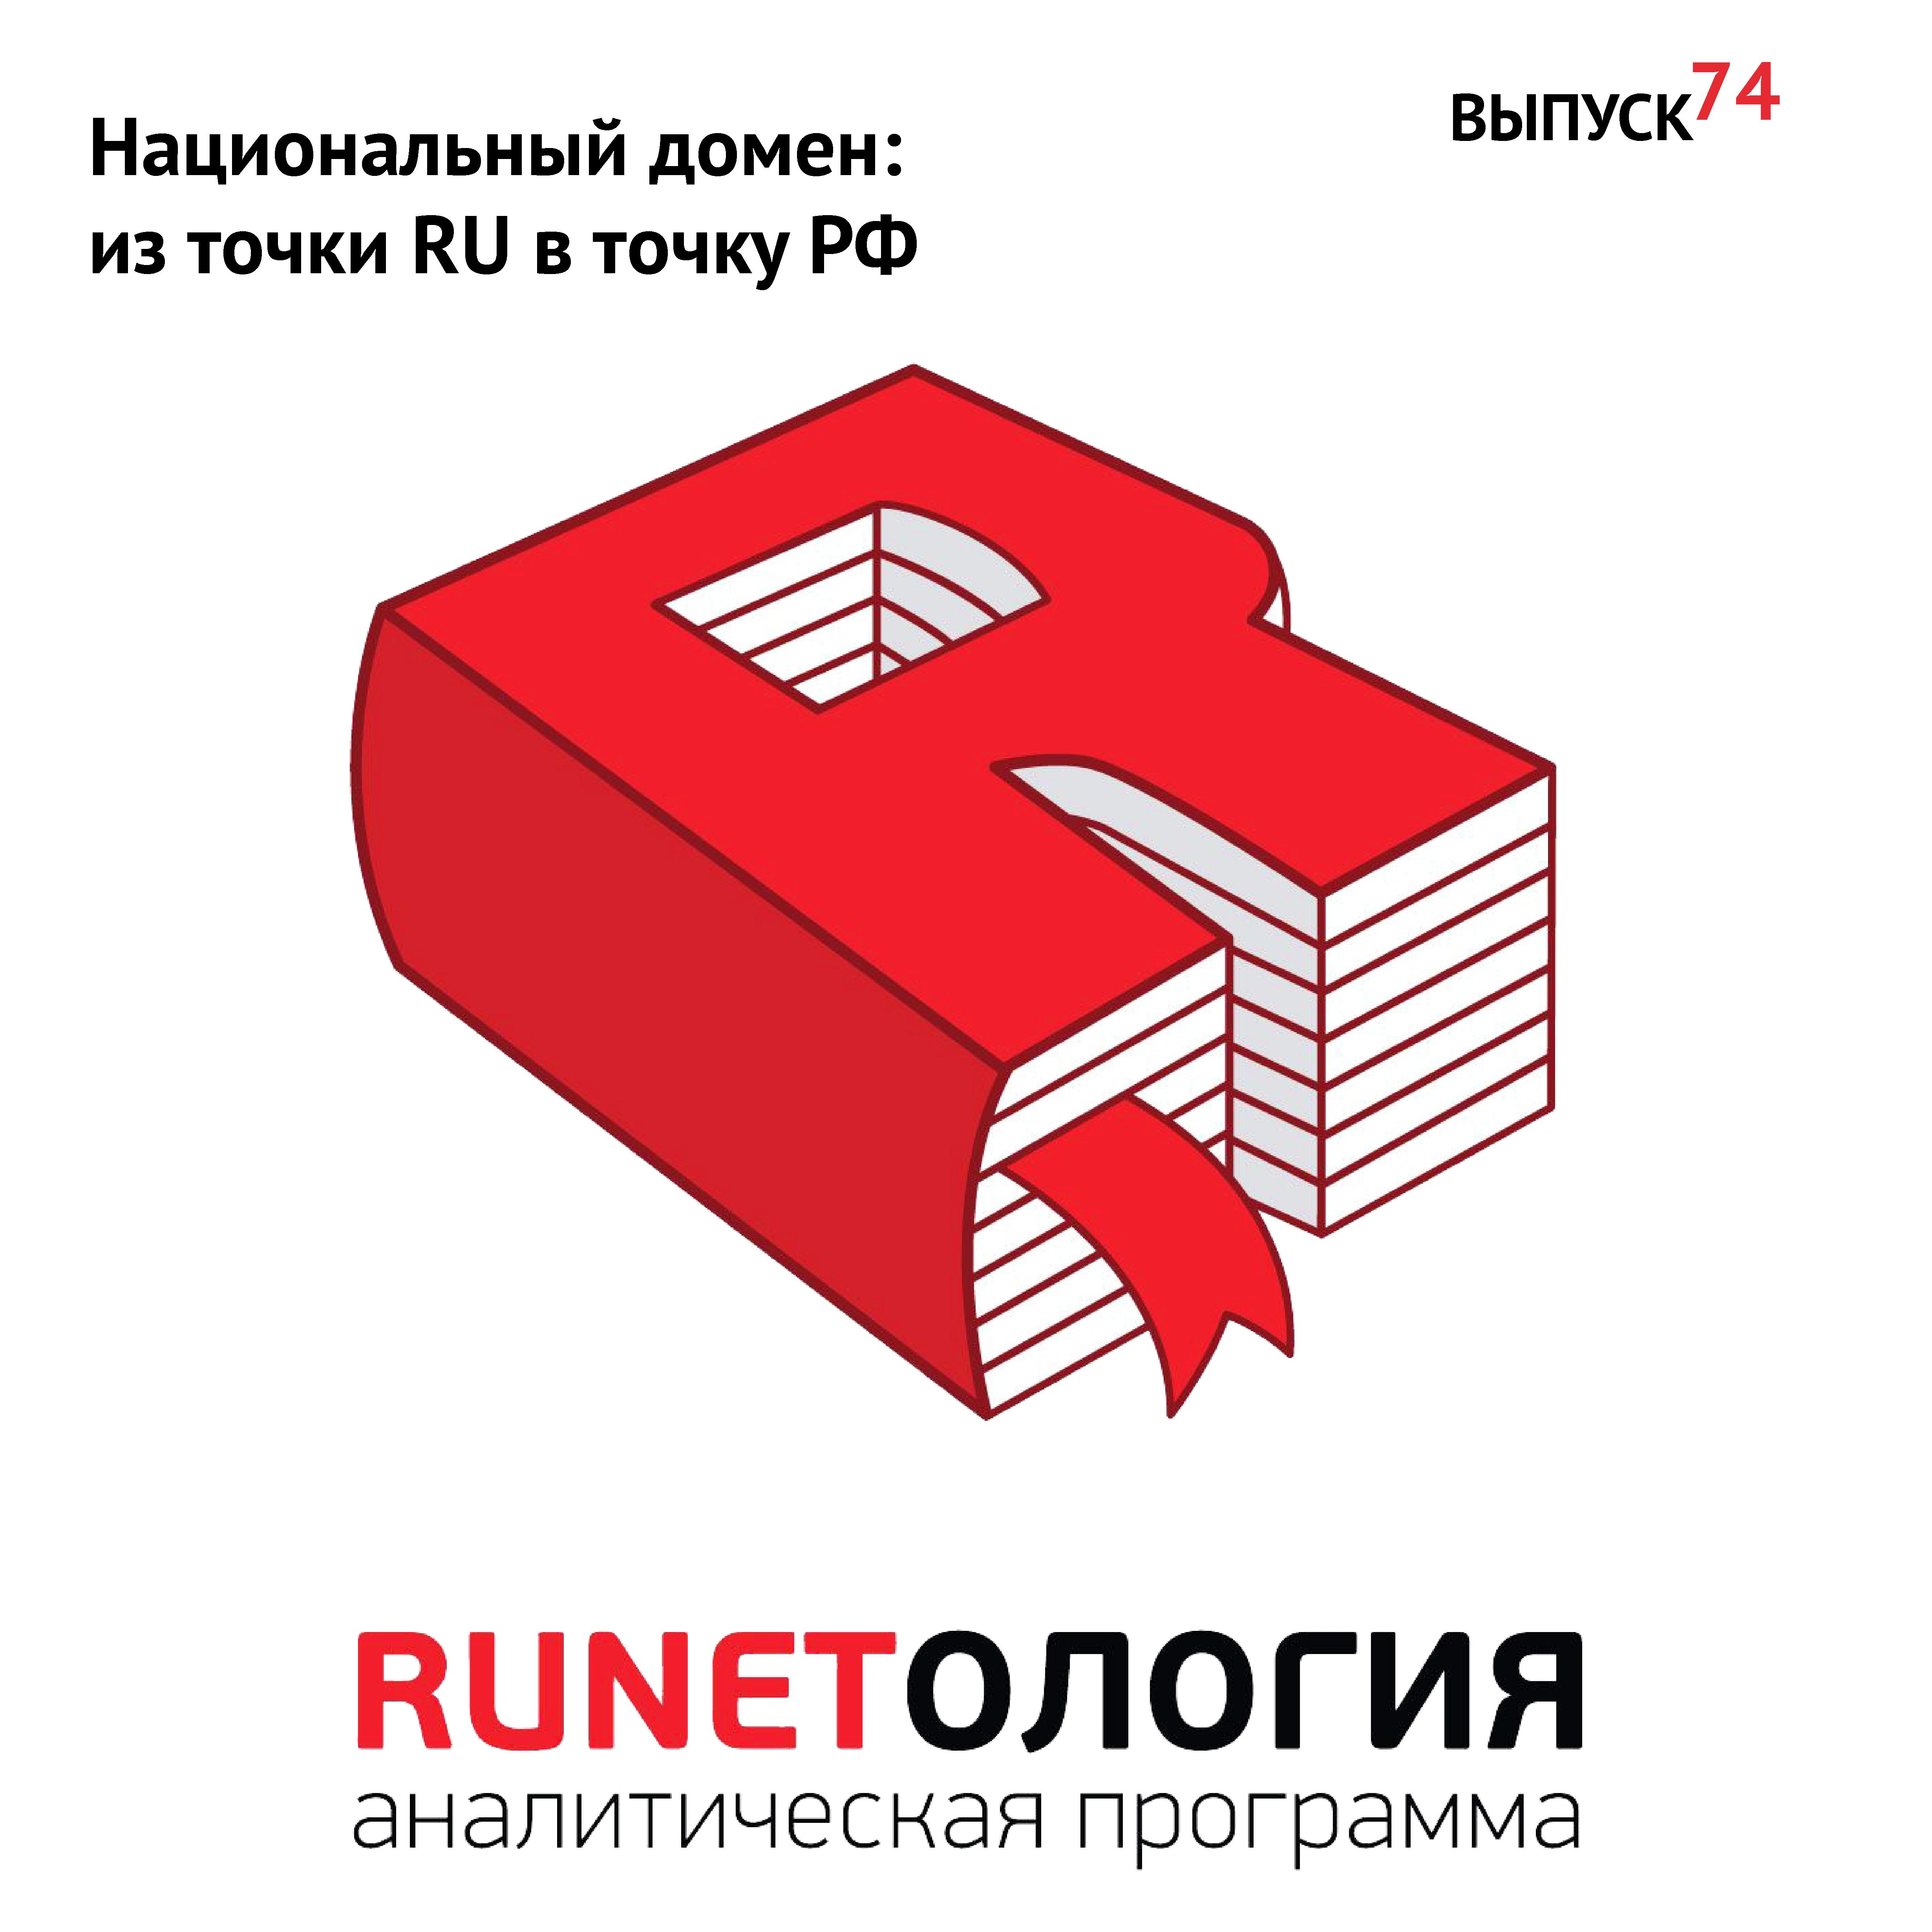 Максим Спиридонов Национальный домен: из точки RU в точку РФ